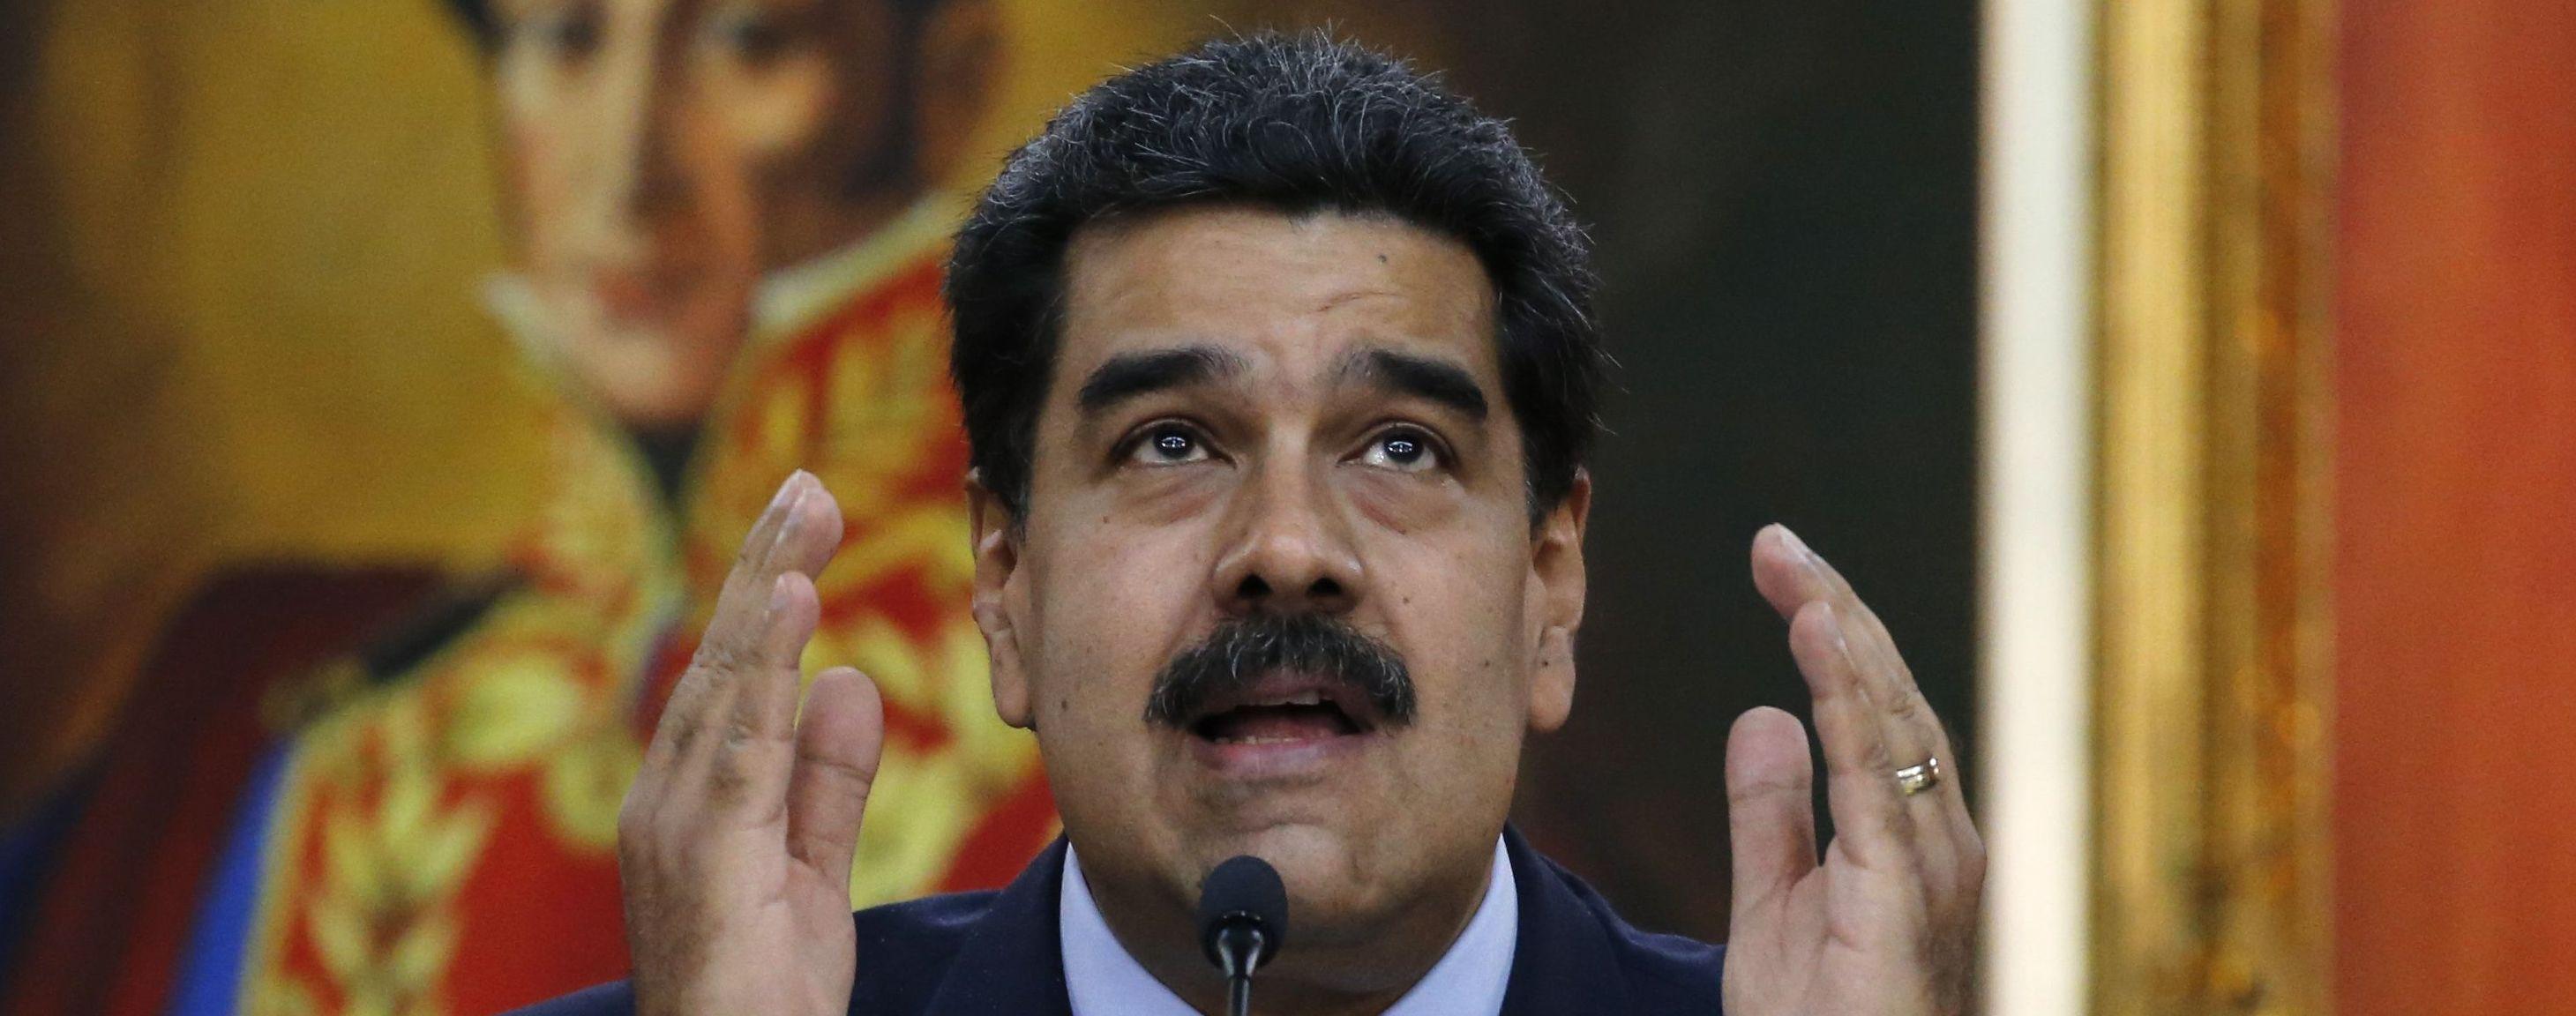 Мадуро заявив про придушення спроби державного перевороту у Венесуелі